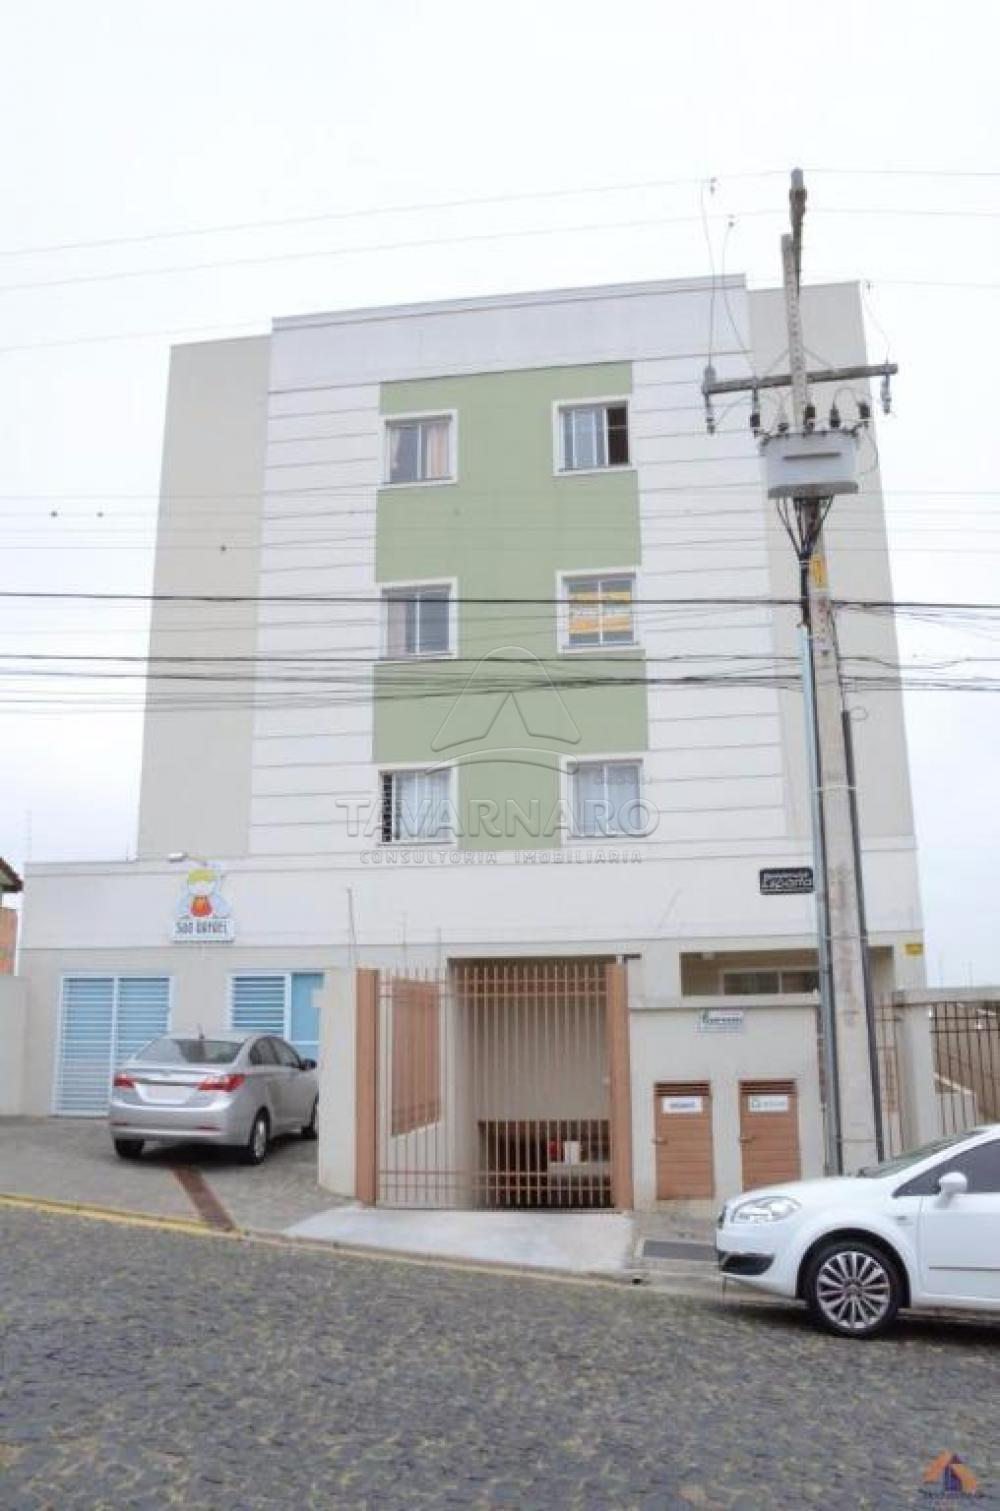 Alugar Comercial / Loja Condomínio em Ponta Grossa apenas R$ 1.600,00 - Foto 1